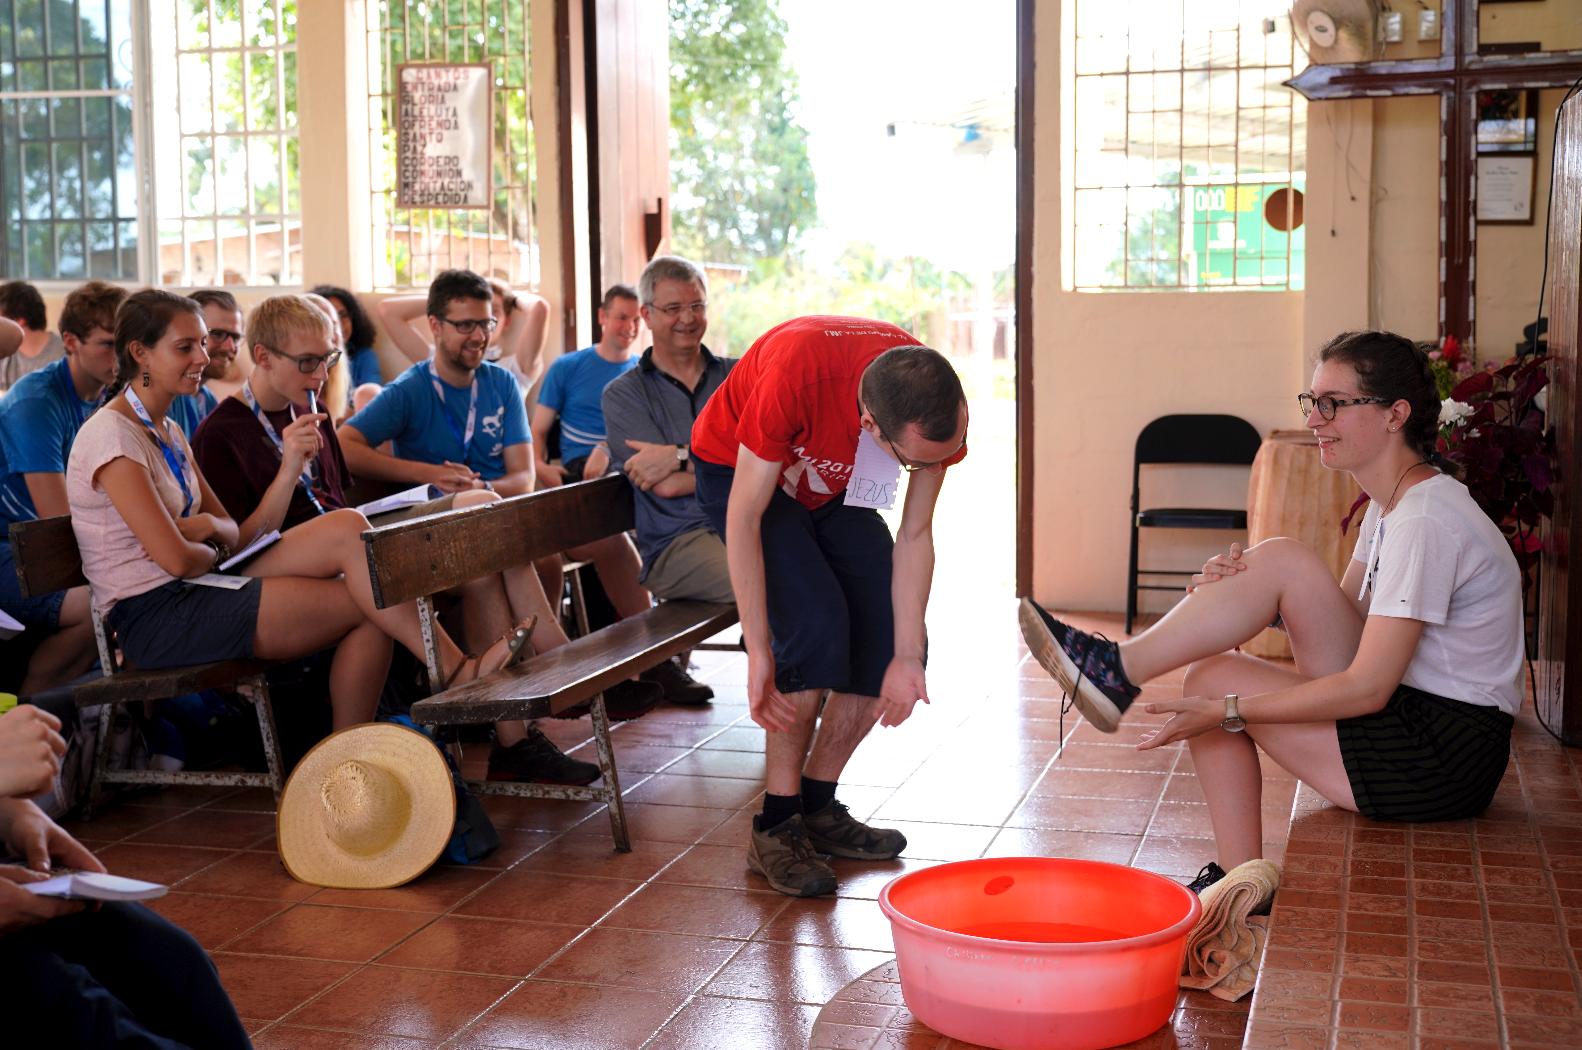 Bisschop Bonny kijkt geamuseerd toe bij de voetwassing. © Koen Van den Bossche